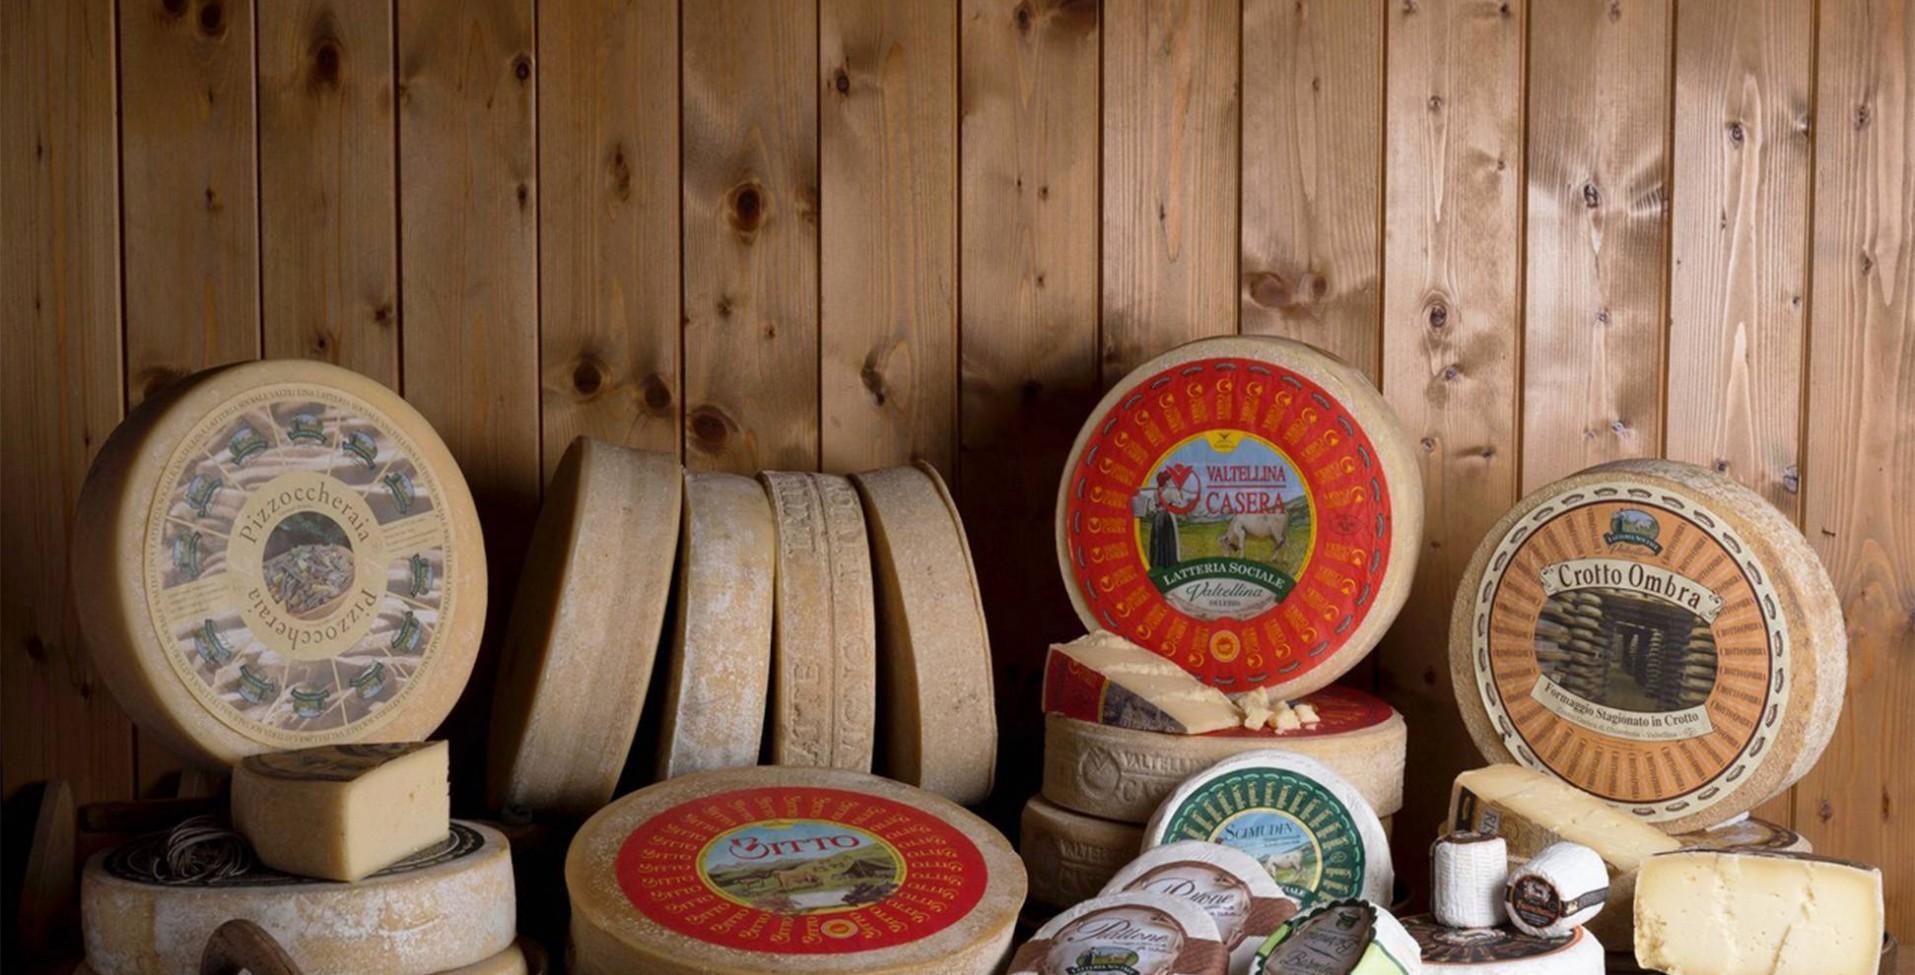 formaggi della latteria valtellina